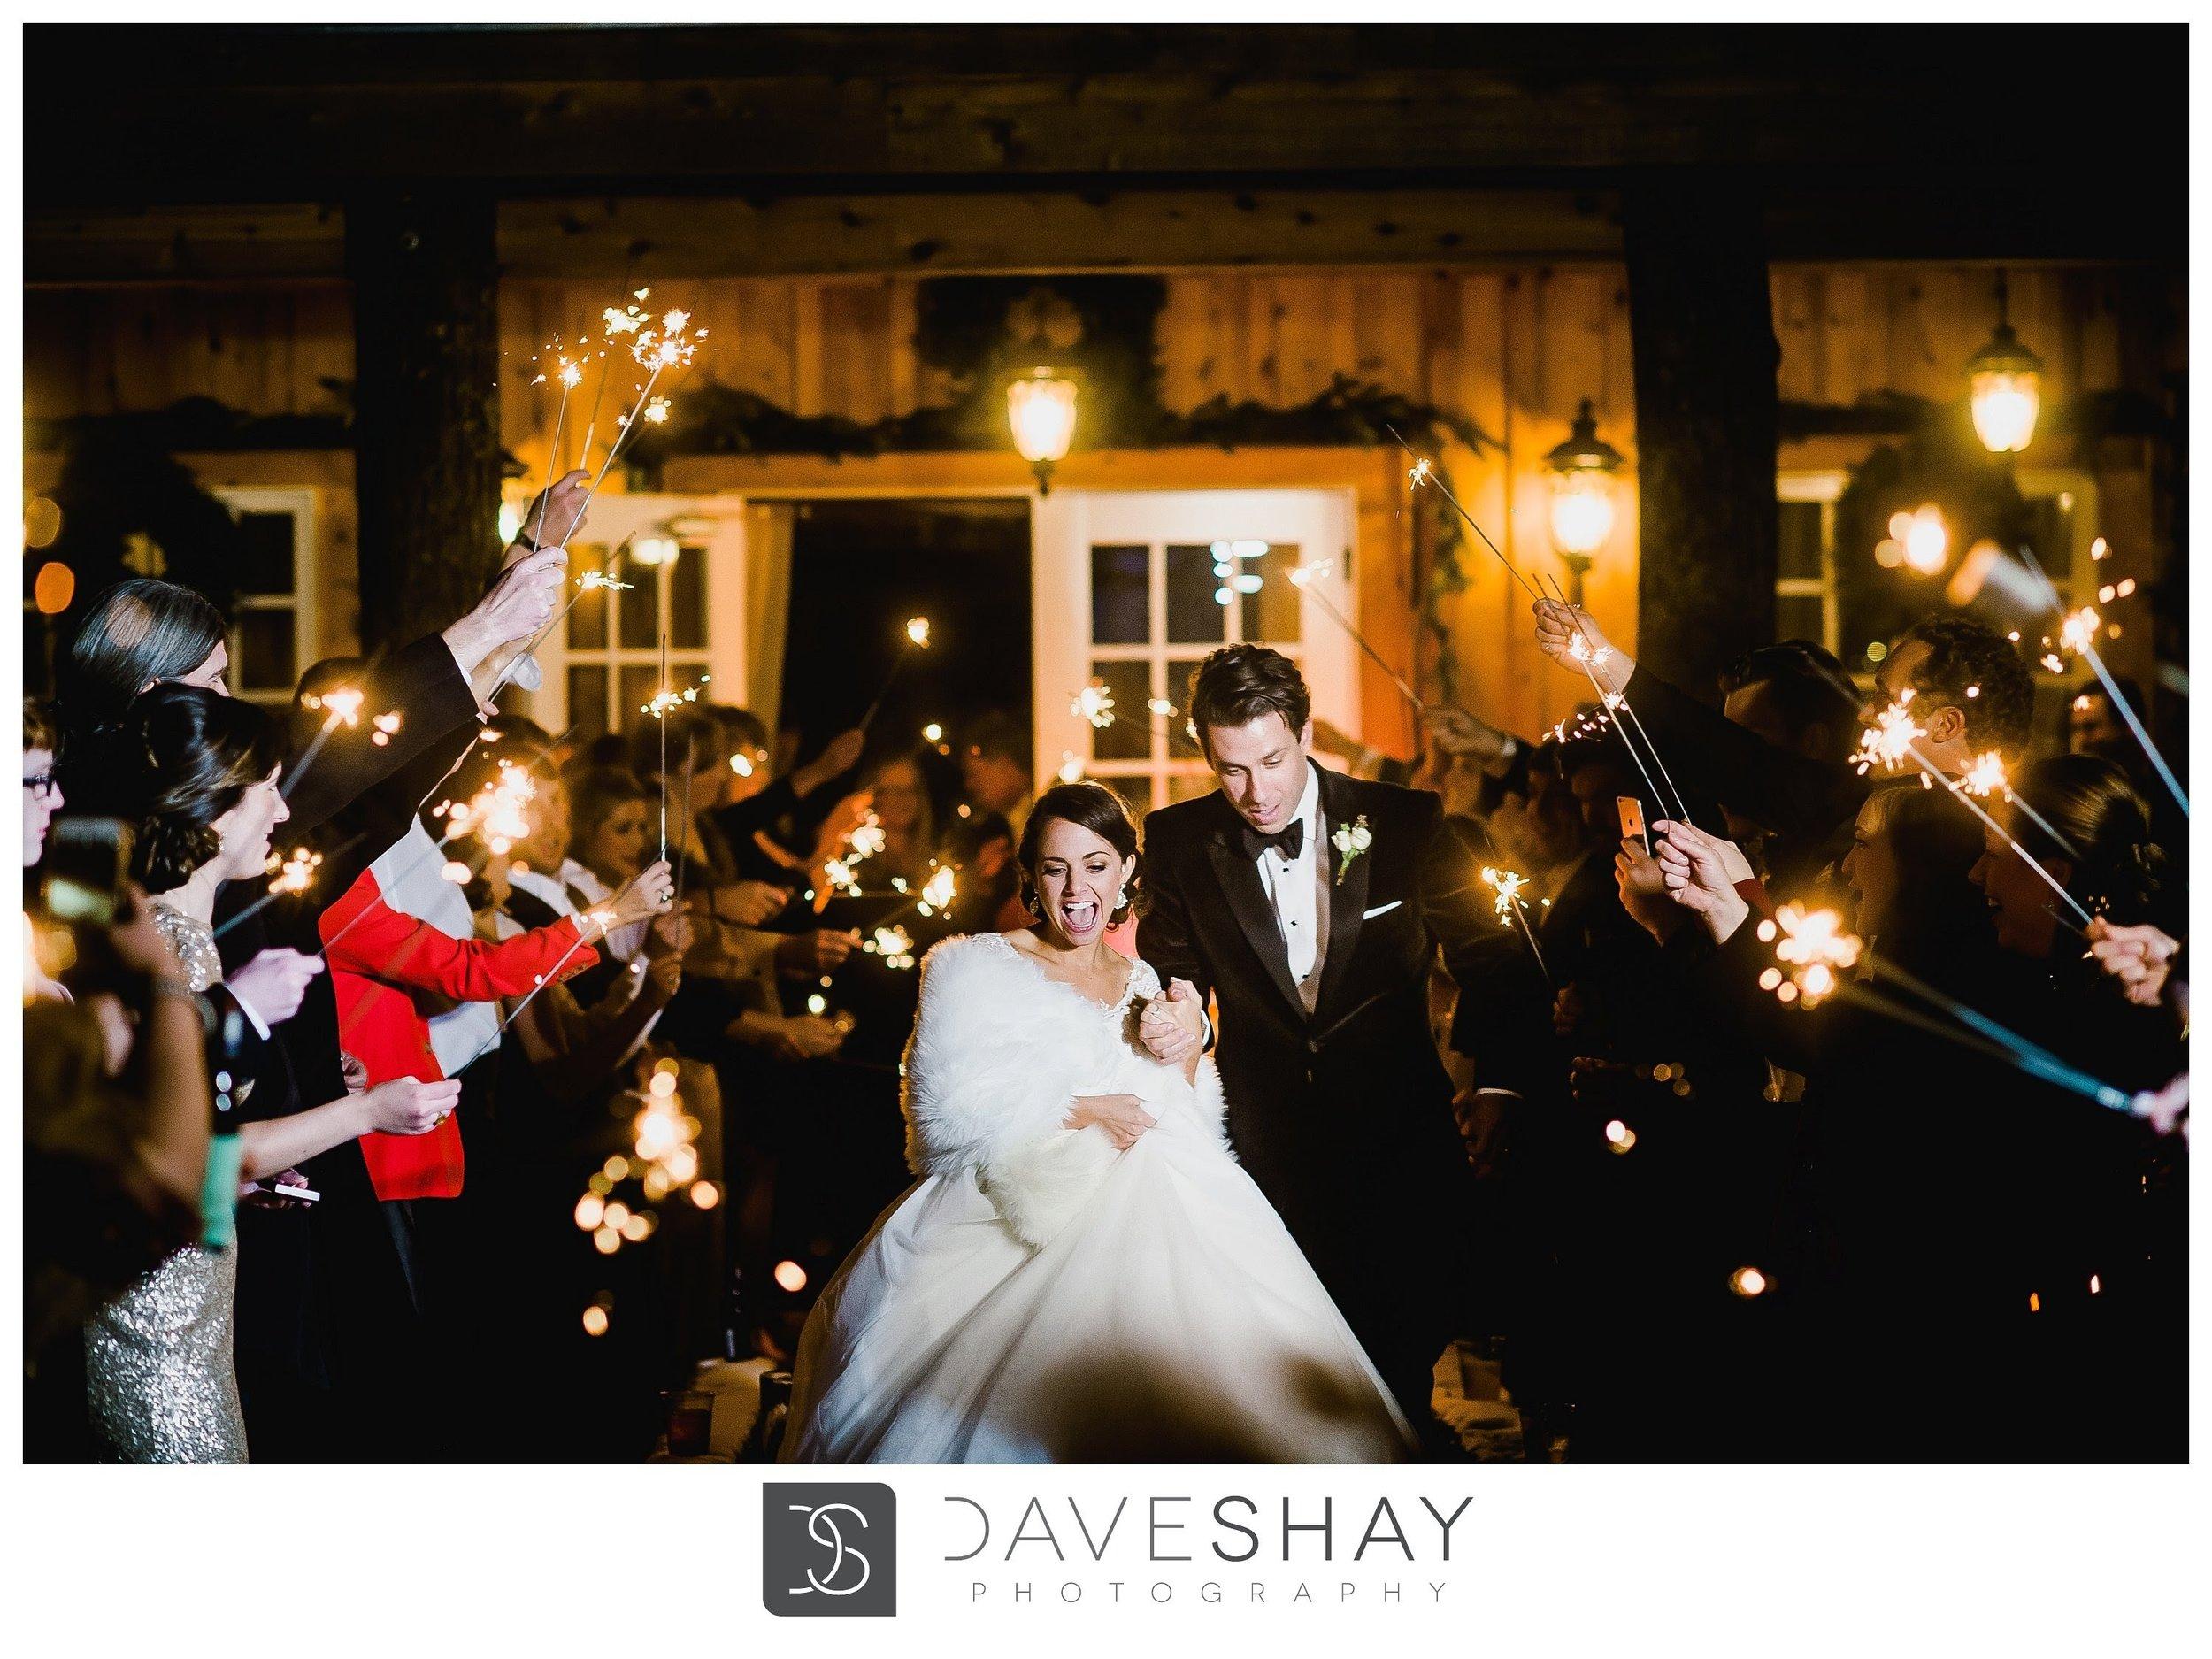 LaurenandJonathan-DaveShayPhotography-RaleighWeddingPhotographer(854of1003).jpg